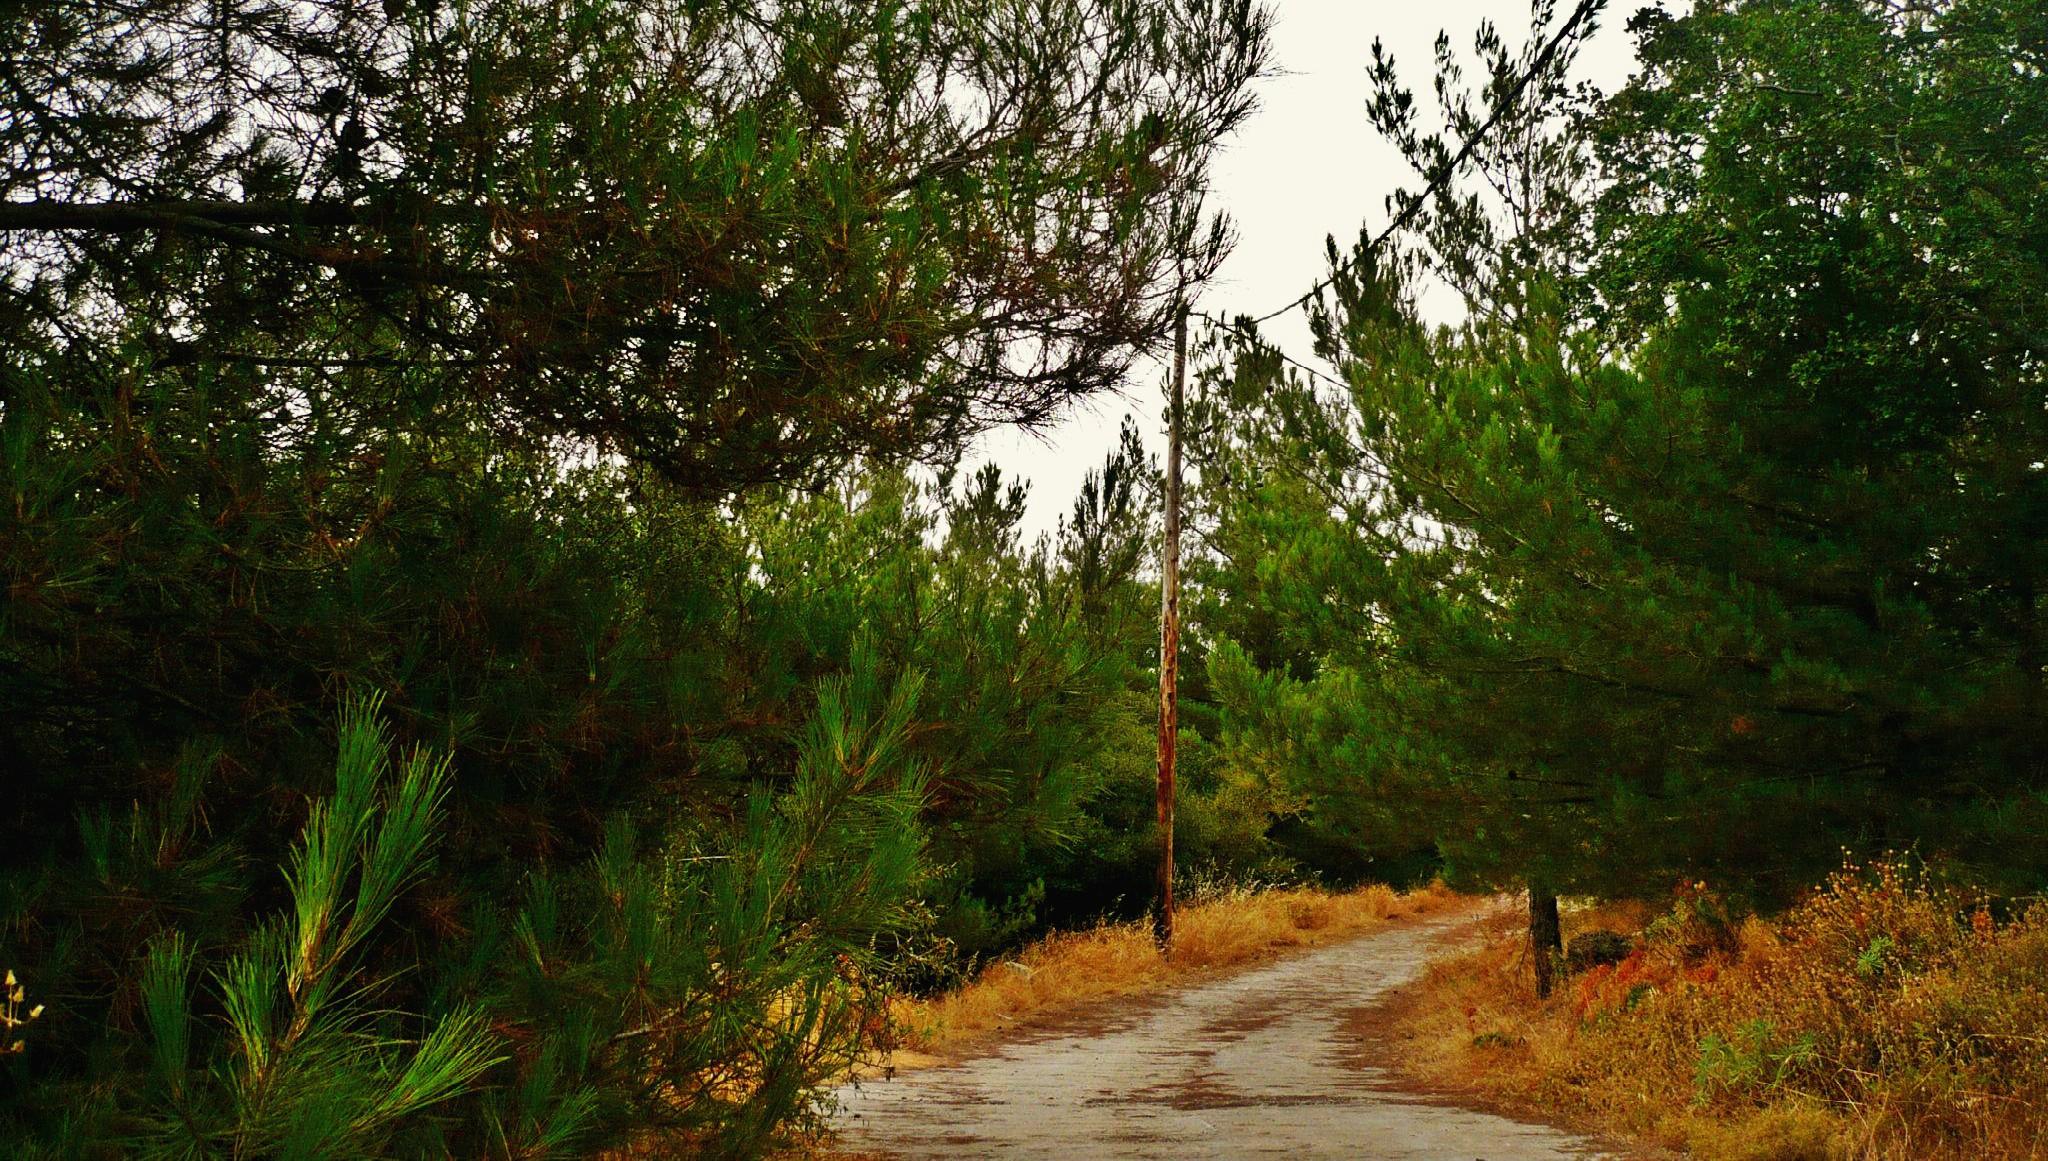 Πεύκα Αφέντη Χριστού Μαγουλά- Trees of Afenti Xristo in Magoula